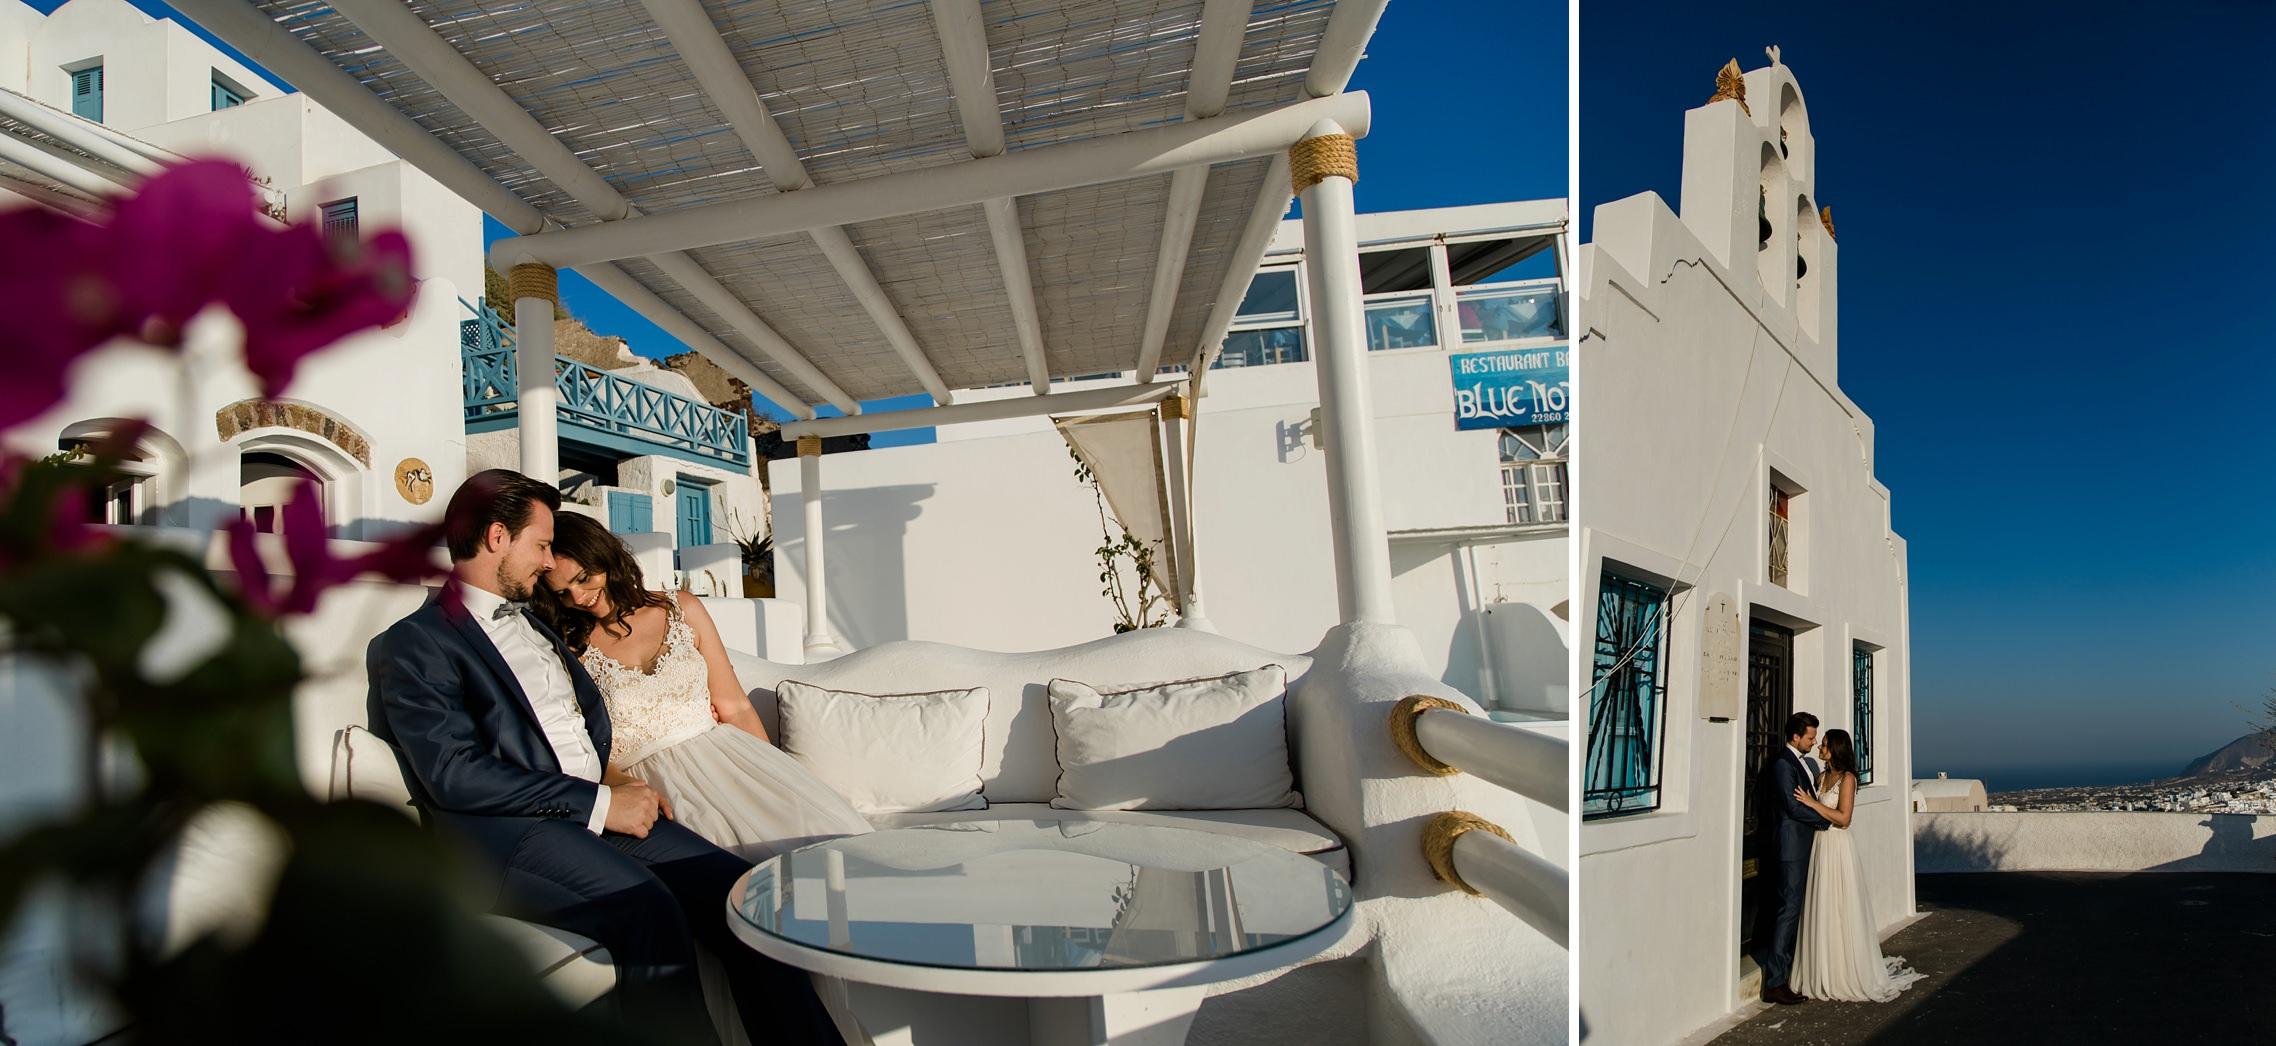 Hochzeitspaar sitzt auf einem weißen Sofa beim Sonnenuntergang auf Santorini.